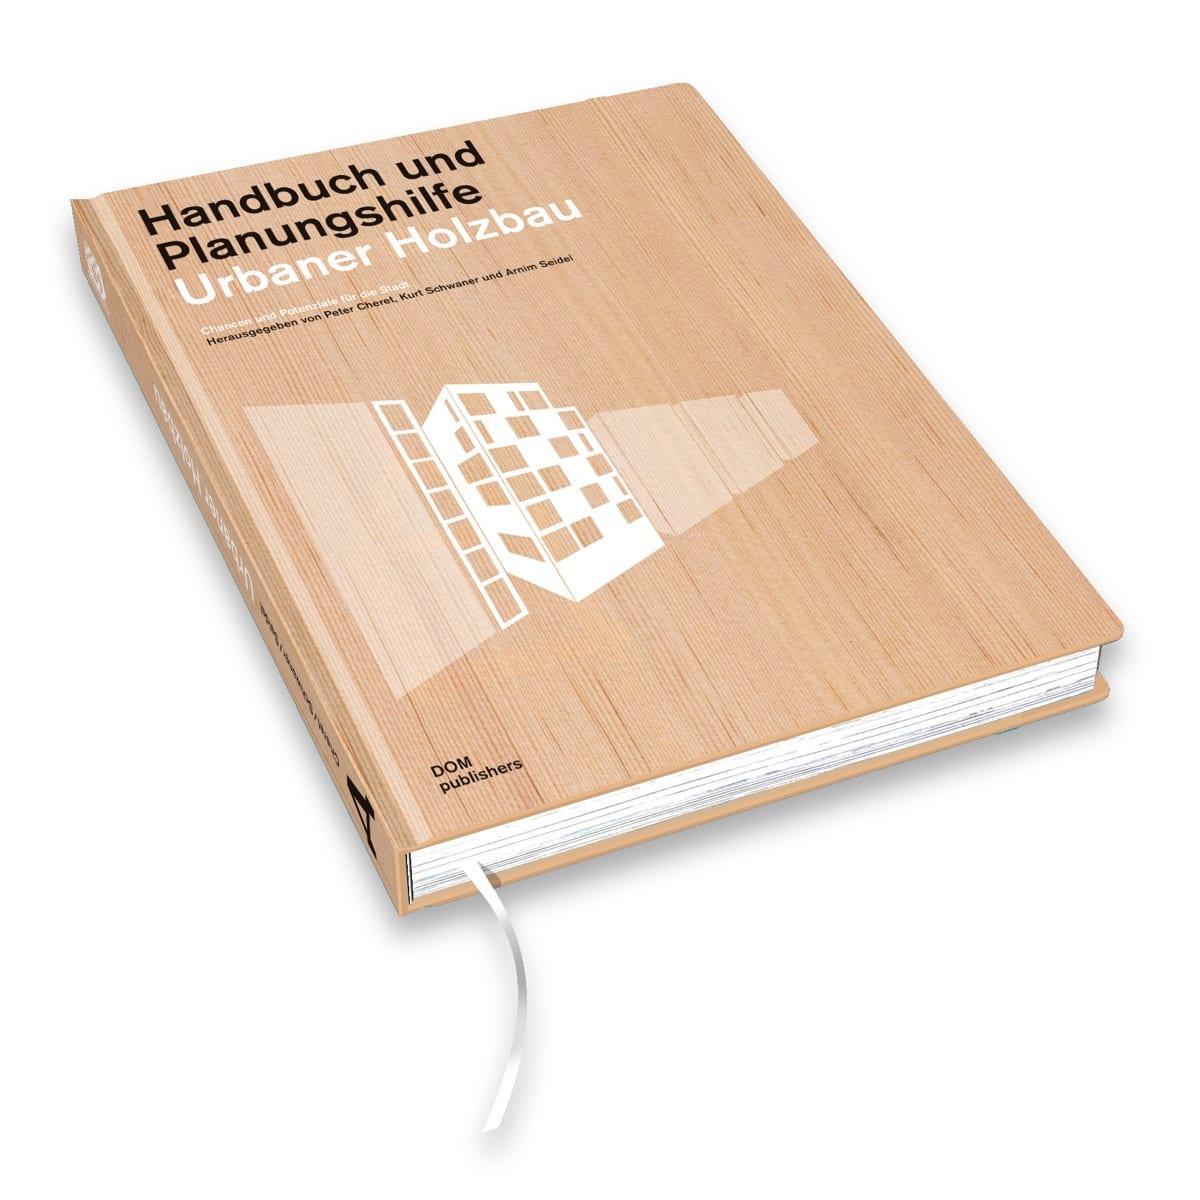 Buchtipp: Urbaner Holzbau – Chancen und Potenziale für die Stadt (DOM Publishers)